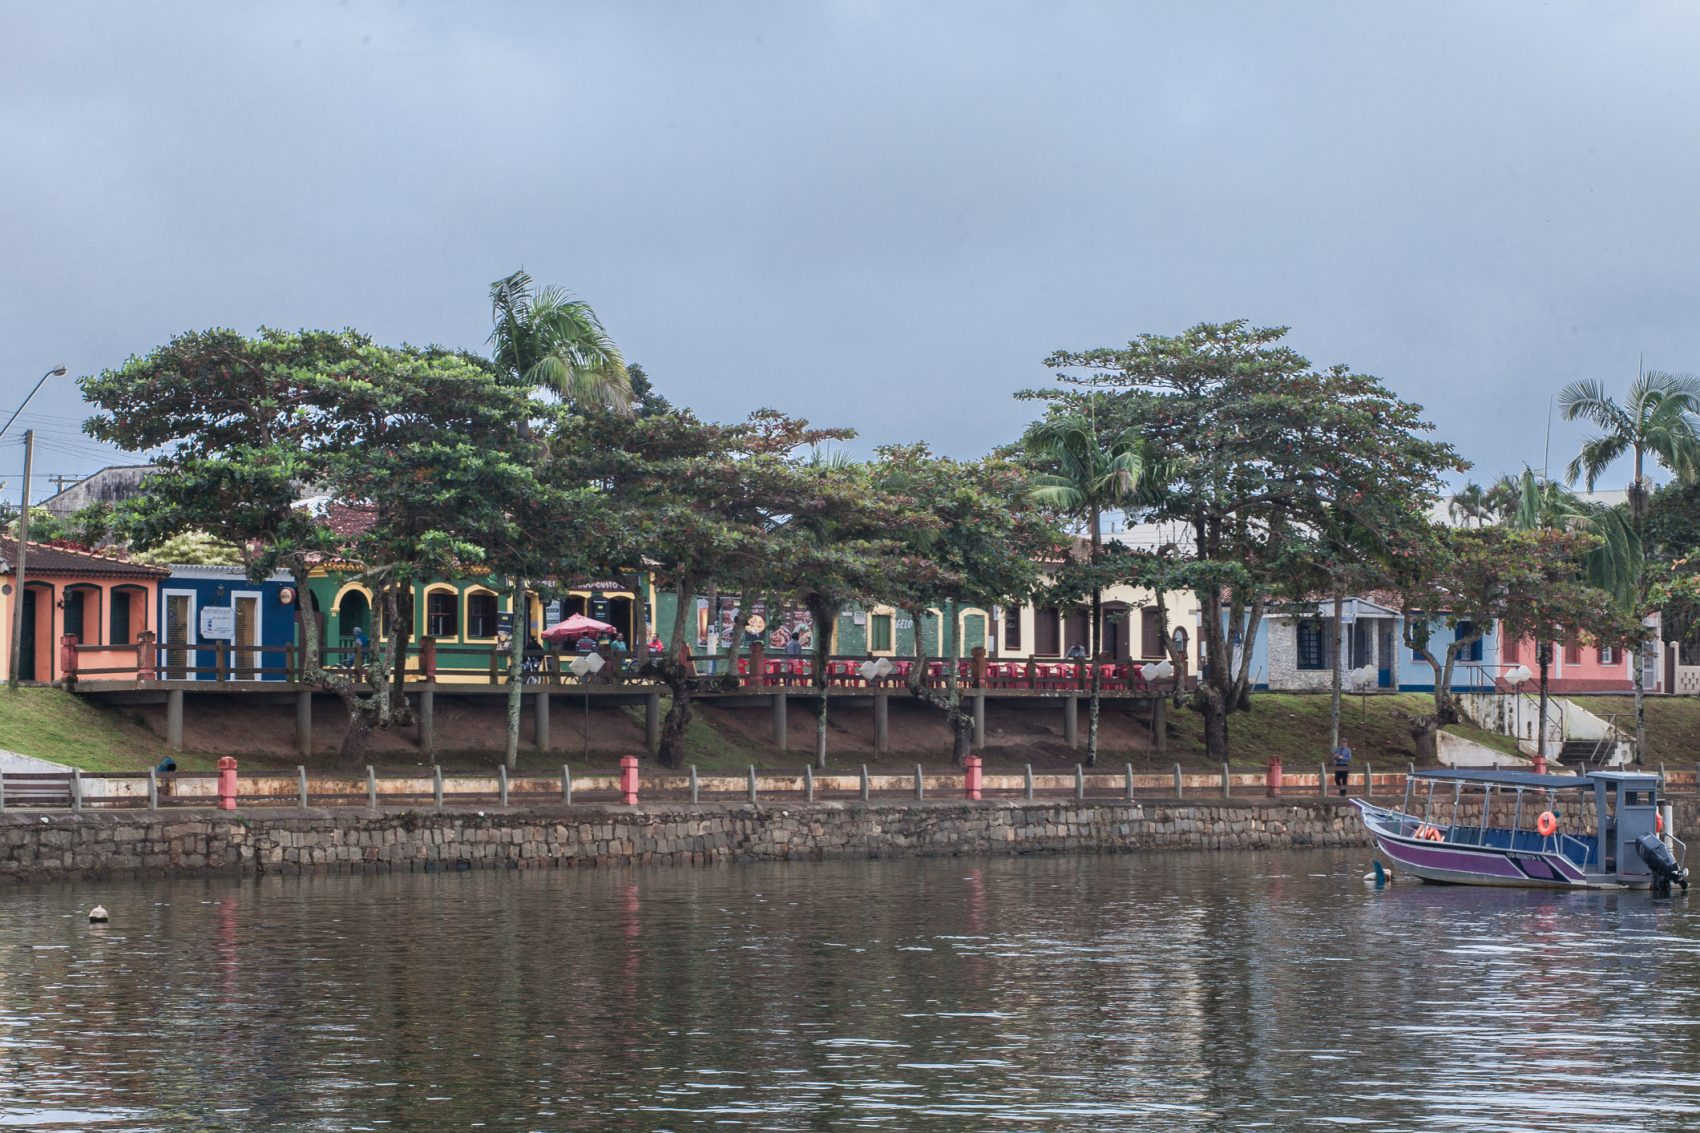 Vila de pescadores em Cananeia: cidade fundada em 1931 fica em reserva de Mata Atlântica tombada pela Unesco como Patrimônio Natural da Humanidade (Foto: Caio Ferrari)